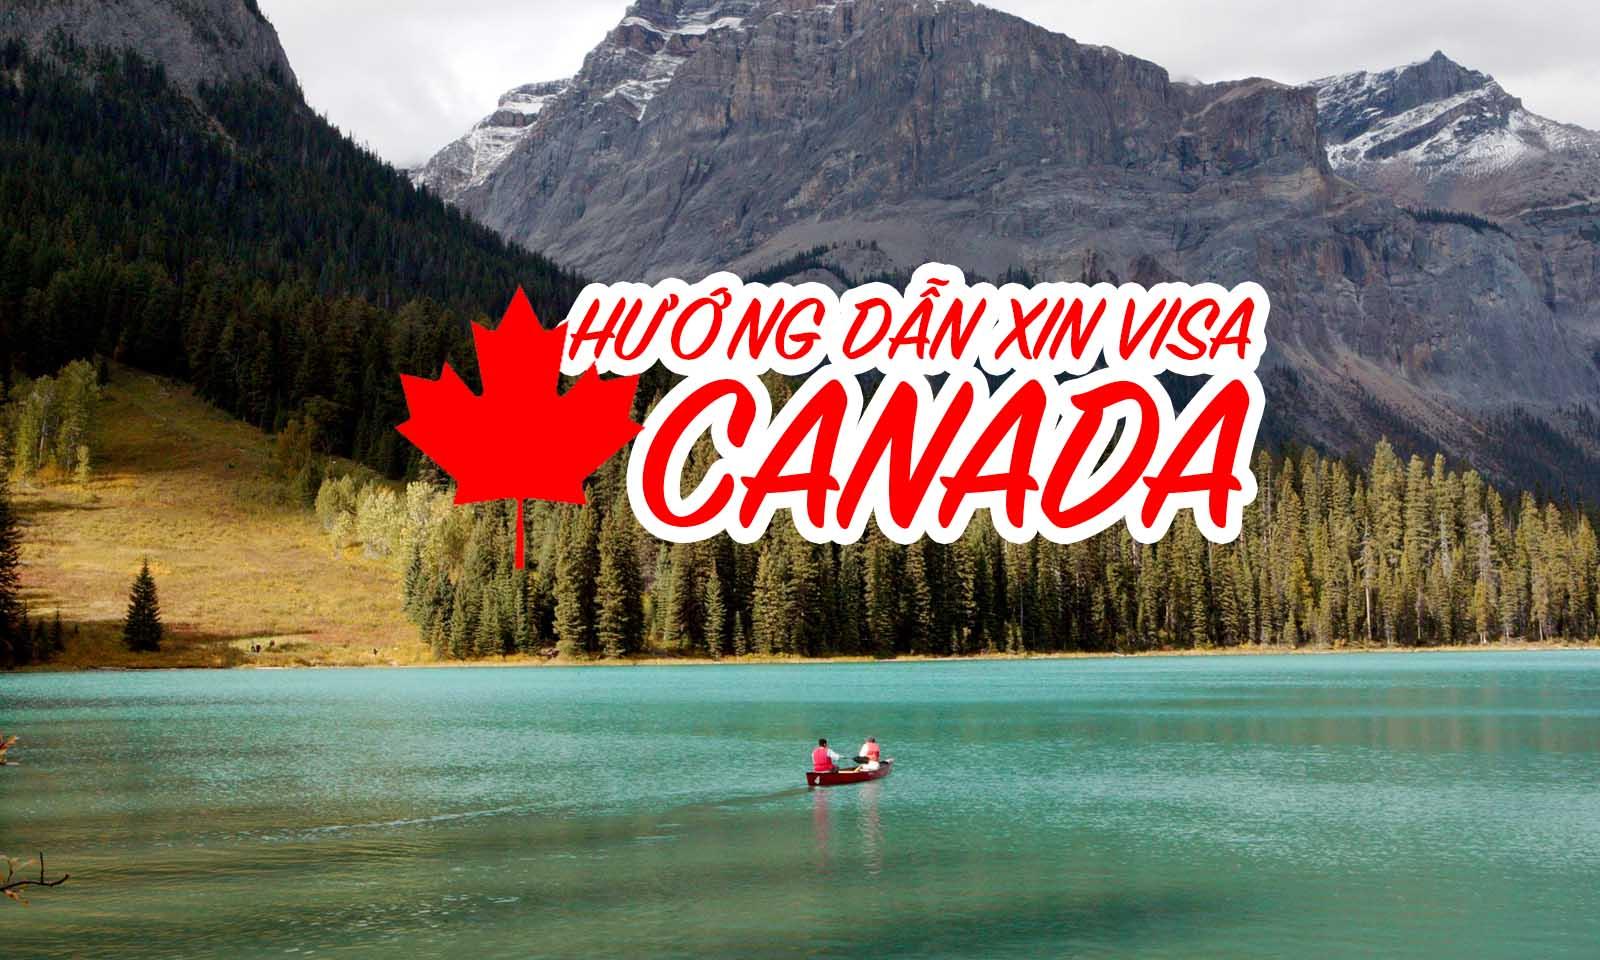 HƯỚNG DẪN XIN VISA DU LỊCH CANADA TỰ TÚC ONLINE - Vinh Gấu - A Wanderlust!